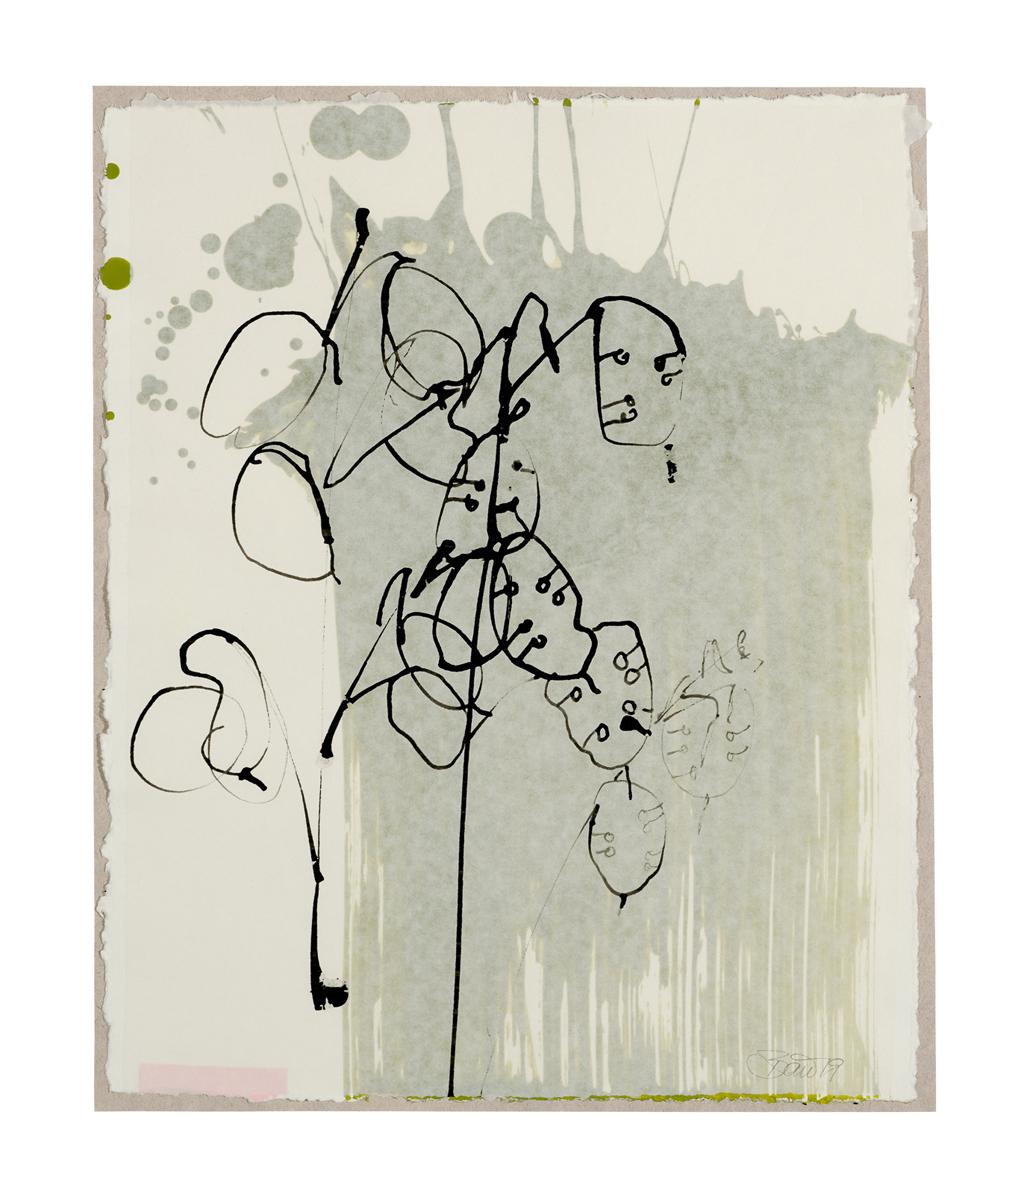 Mondviole – Silberblatt | 2019, zweischichtige Papierarbeit, Schellack auf Pergamin über Acryl auf Papier, 25 x 21,5 cm